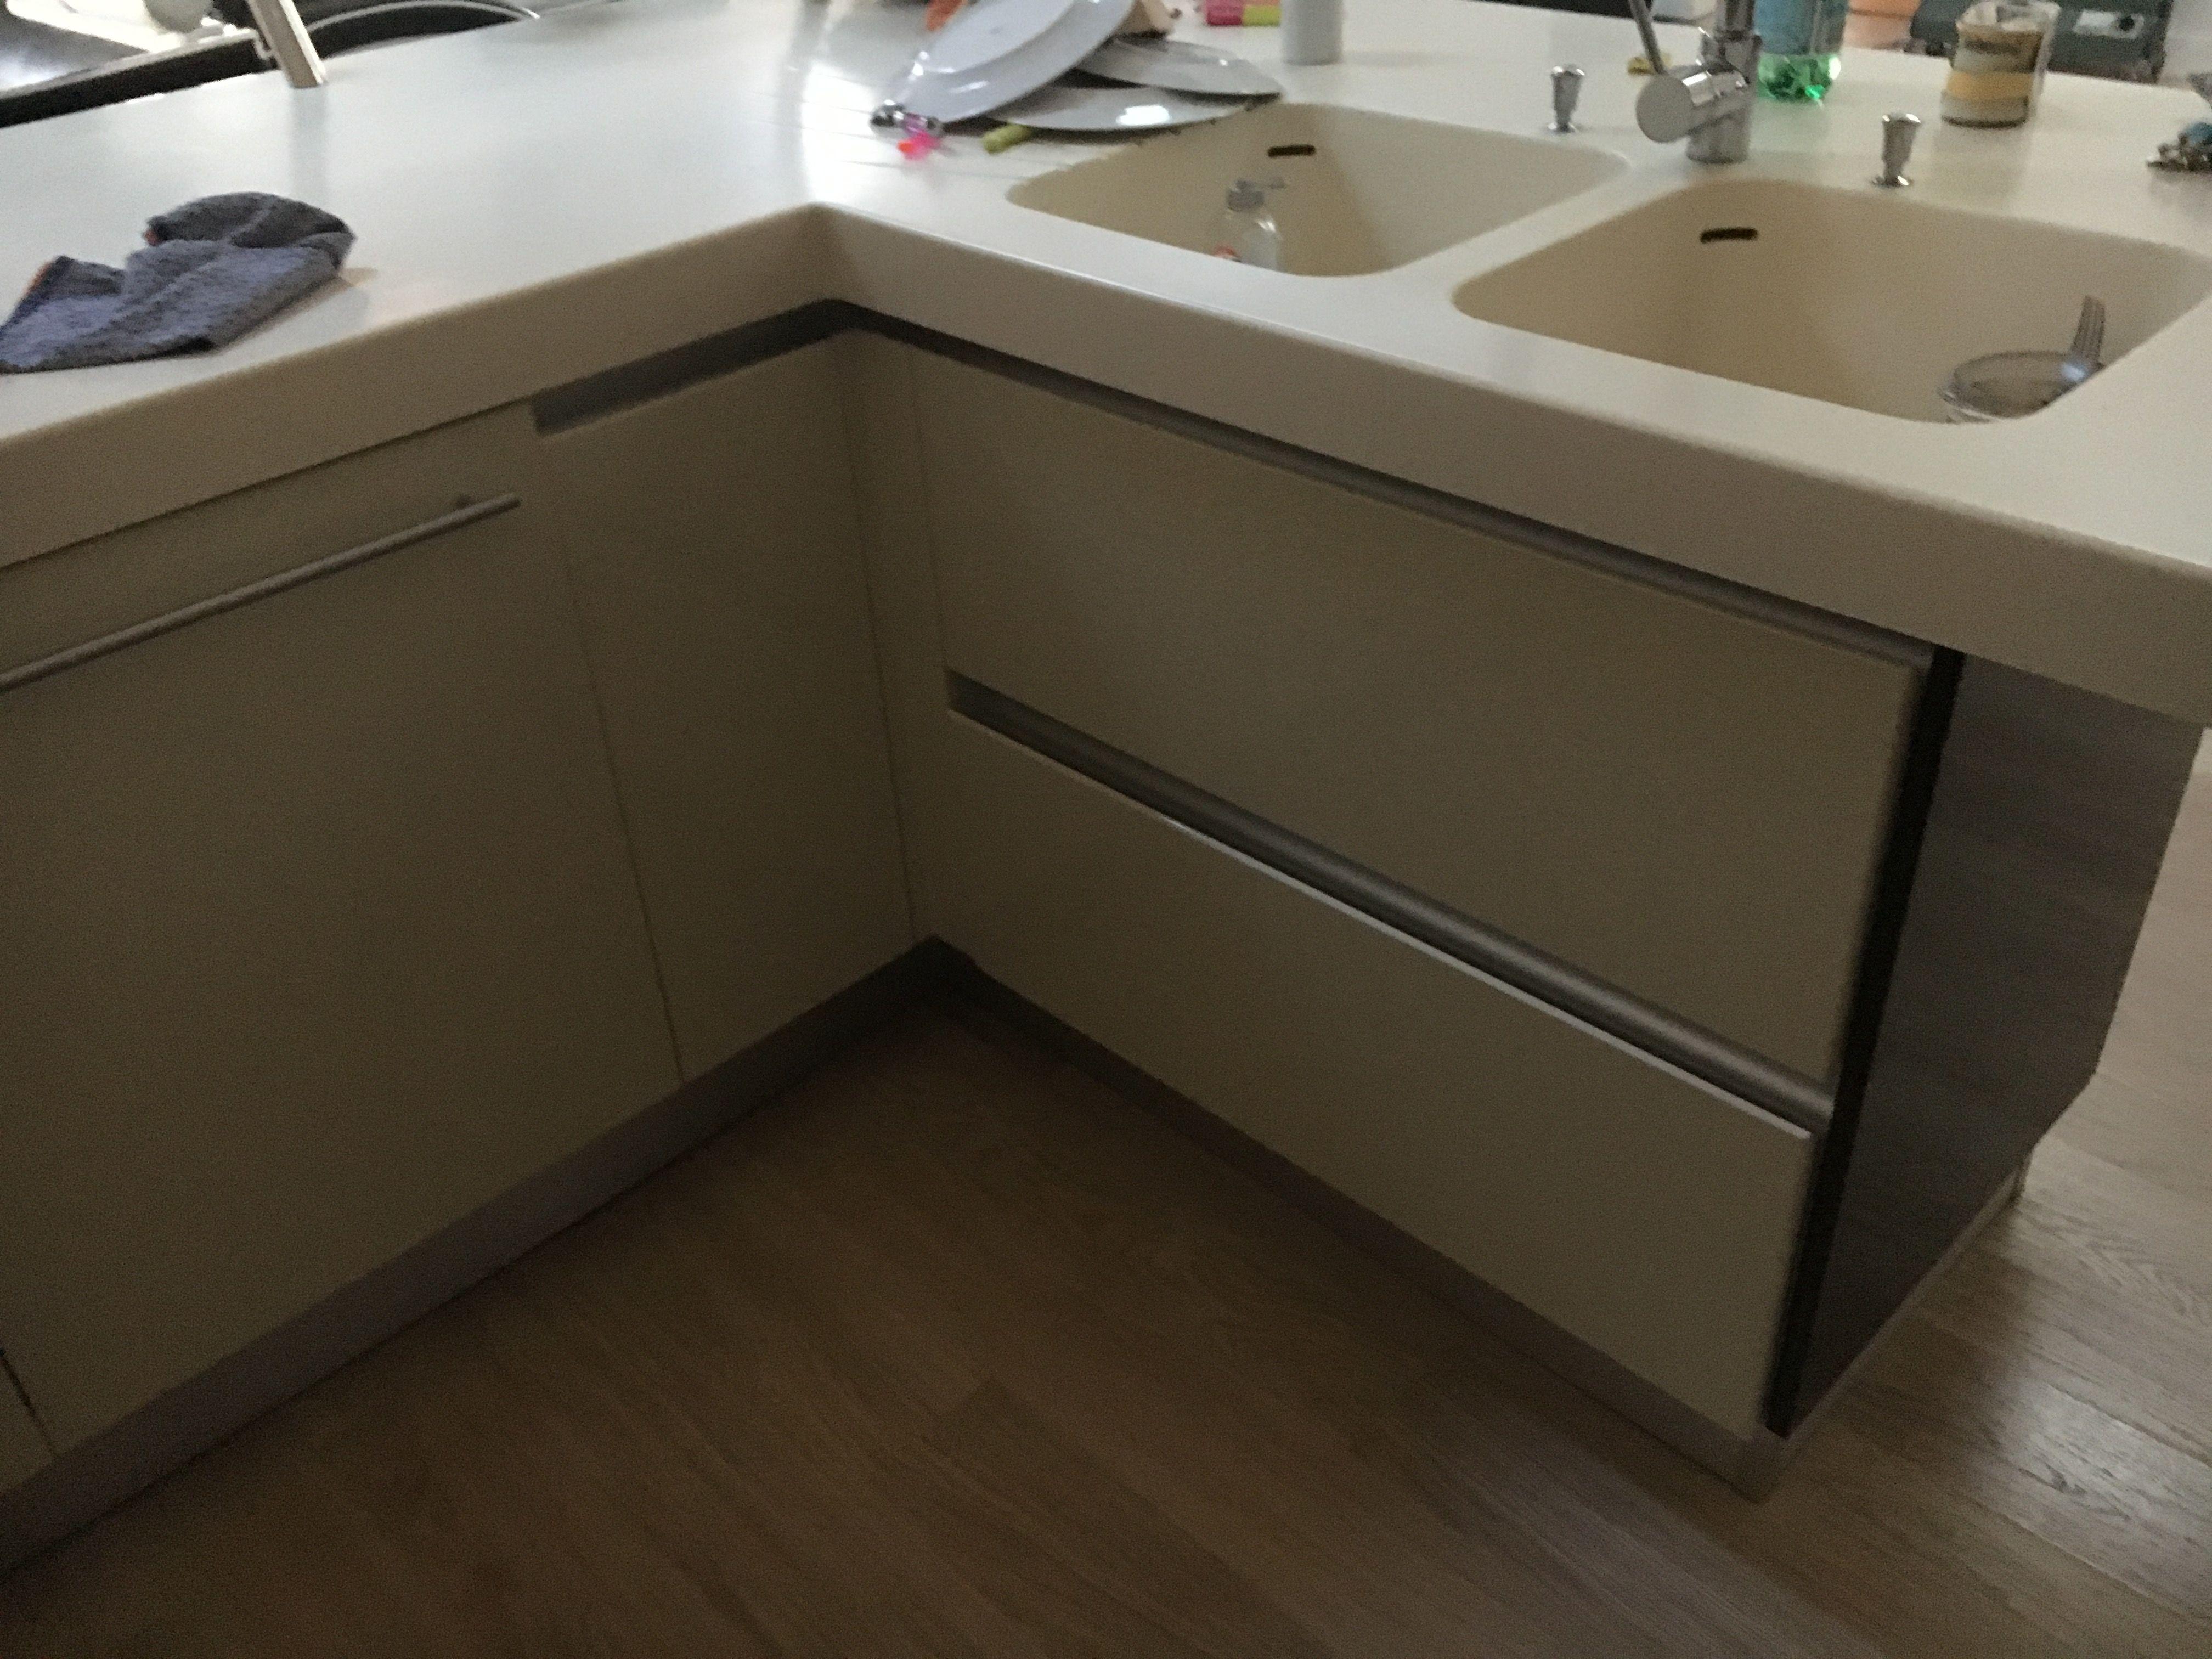 meubles occasion la rochelle 17 annonces achat et. Black Bedroom Furniture Sets. Home Design Ideas